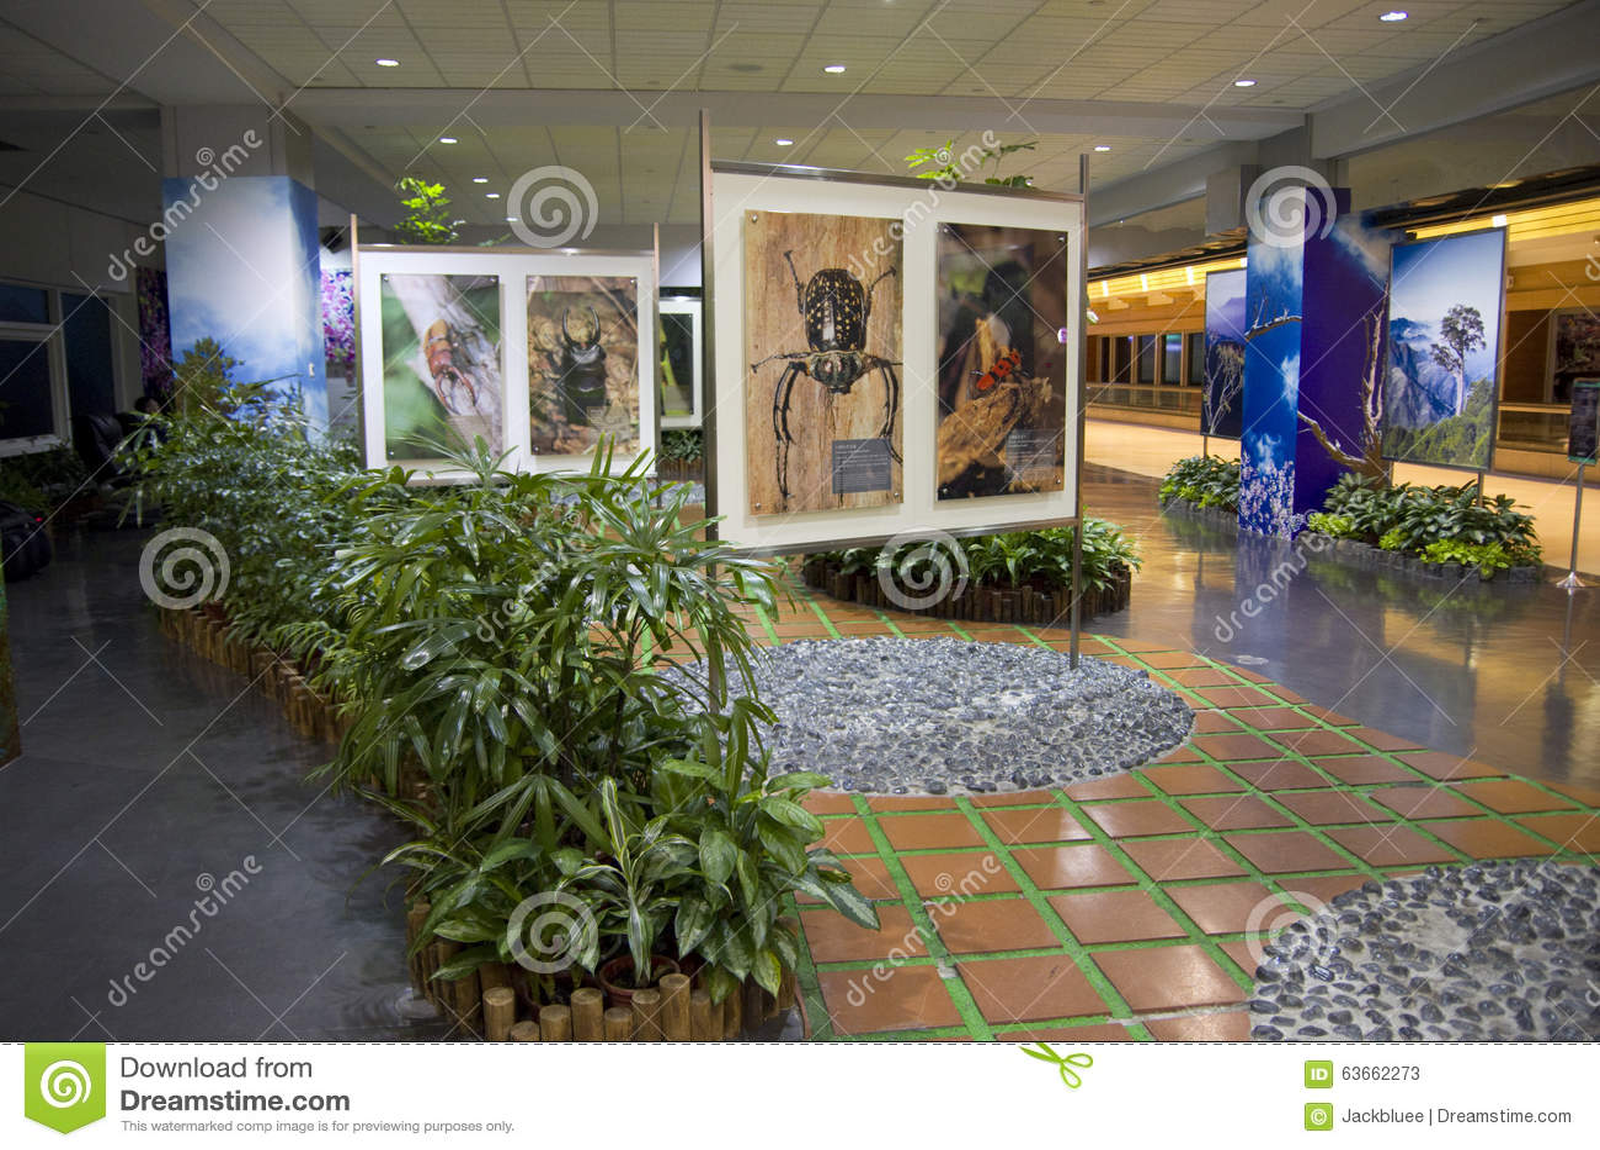 Idee di interior design giardino della sala di attesa for Idee interior design